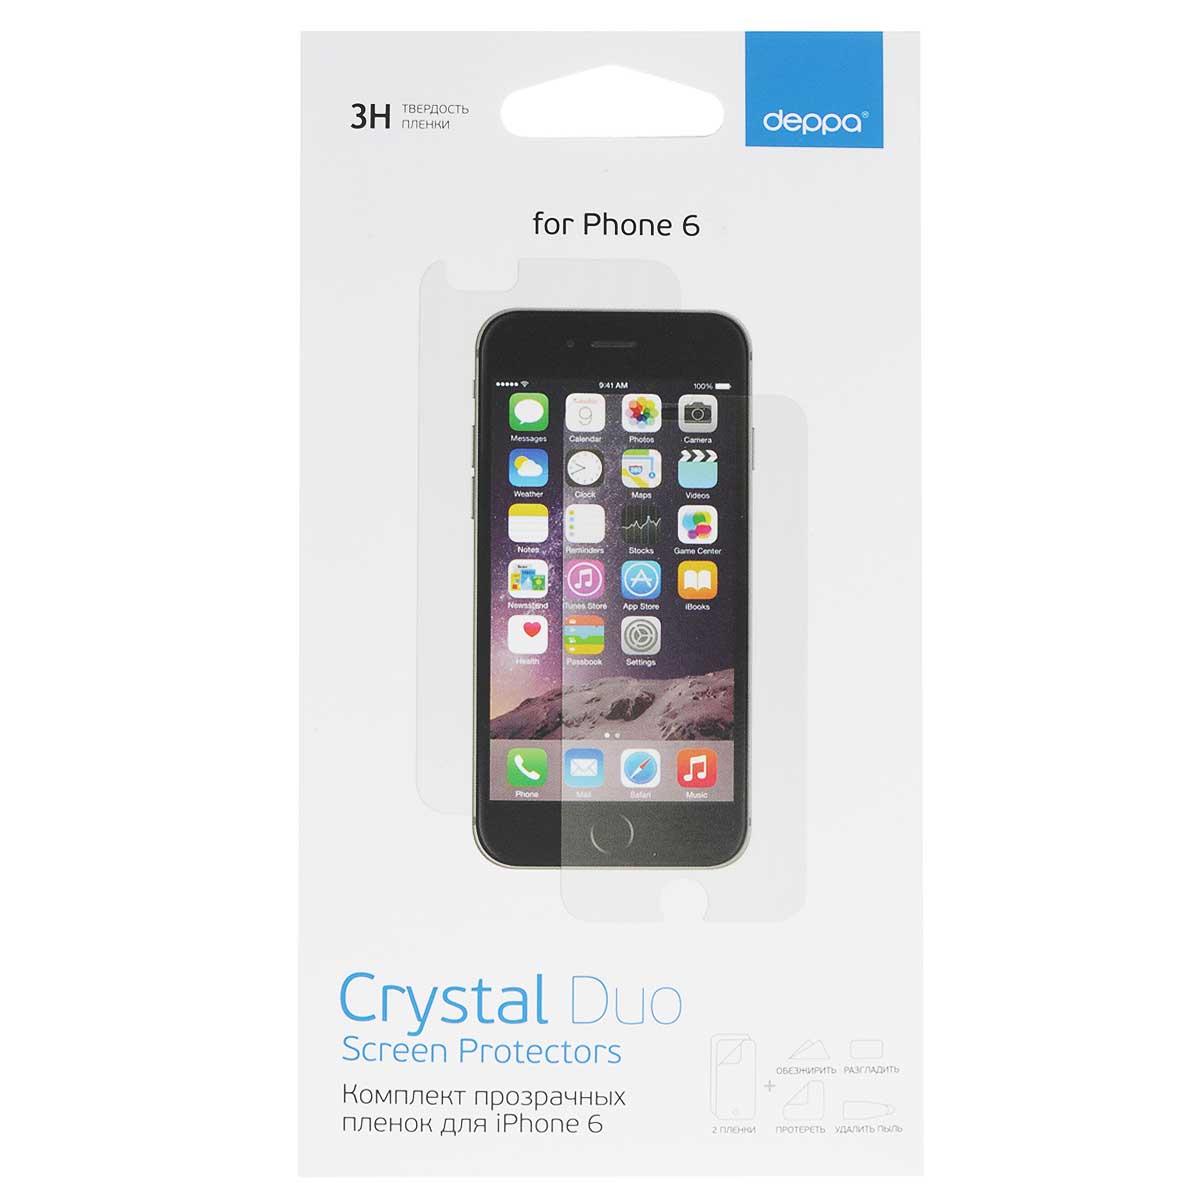 Deppa комплект защитных пленок для Apple iPhone 6, Clear61375Комплект прозрачных пленок Deppa защитит iPhone 6 от царапин. Пленки изготовлены из трехслойного японского материала PET.